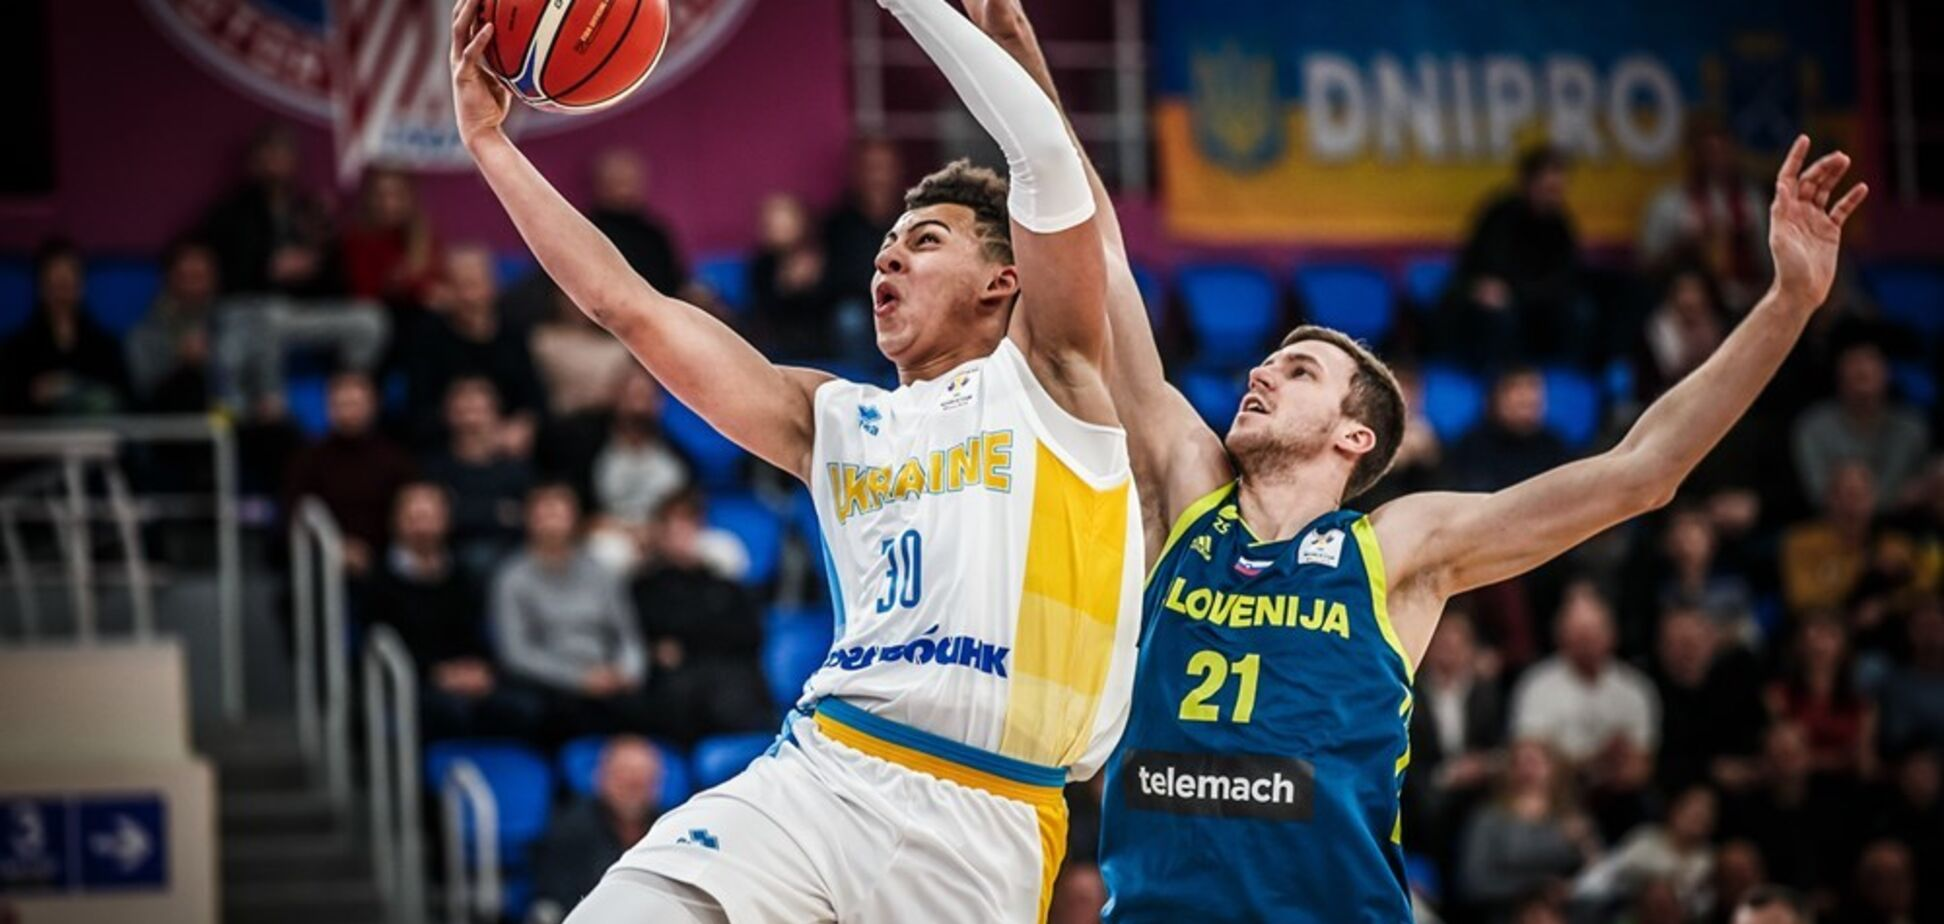 Словенія – Україна: анонс матчу відбору КС із баскетболу, трансляція на XSPORT